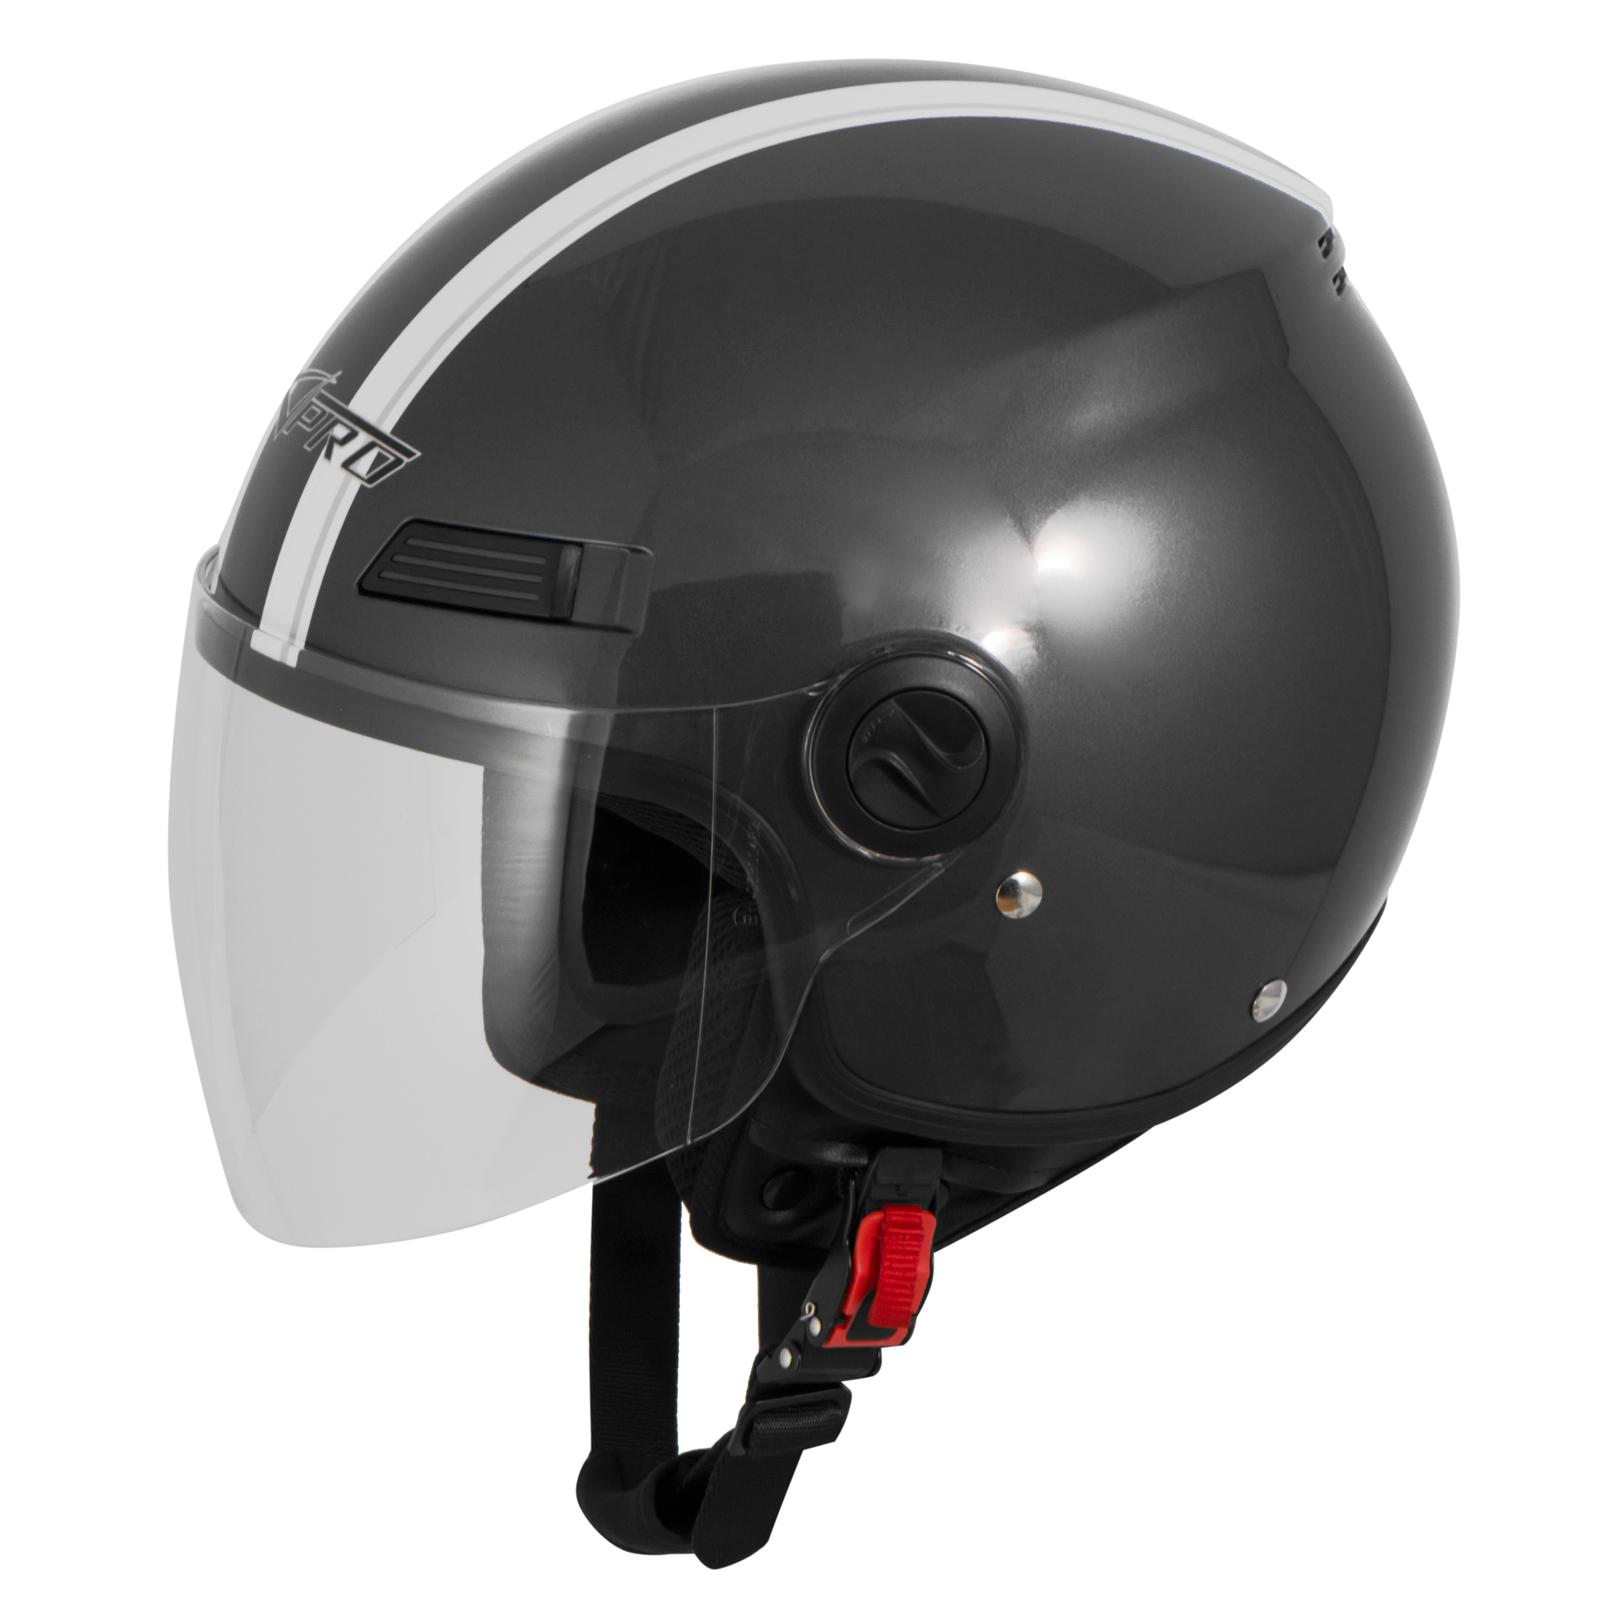 Casque-Avec-Moto-Scooter-Quad-Jet-Visiere-ECE-22-SonicMoto miniature 19